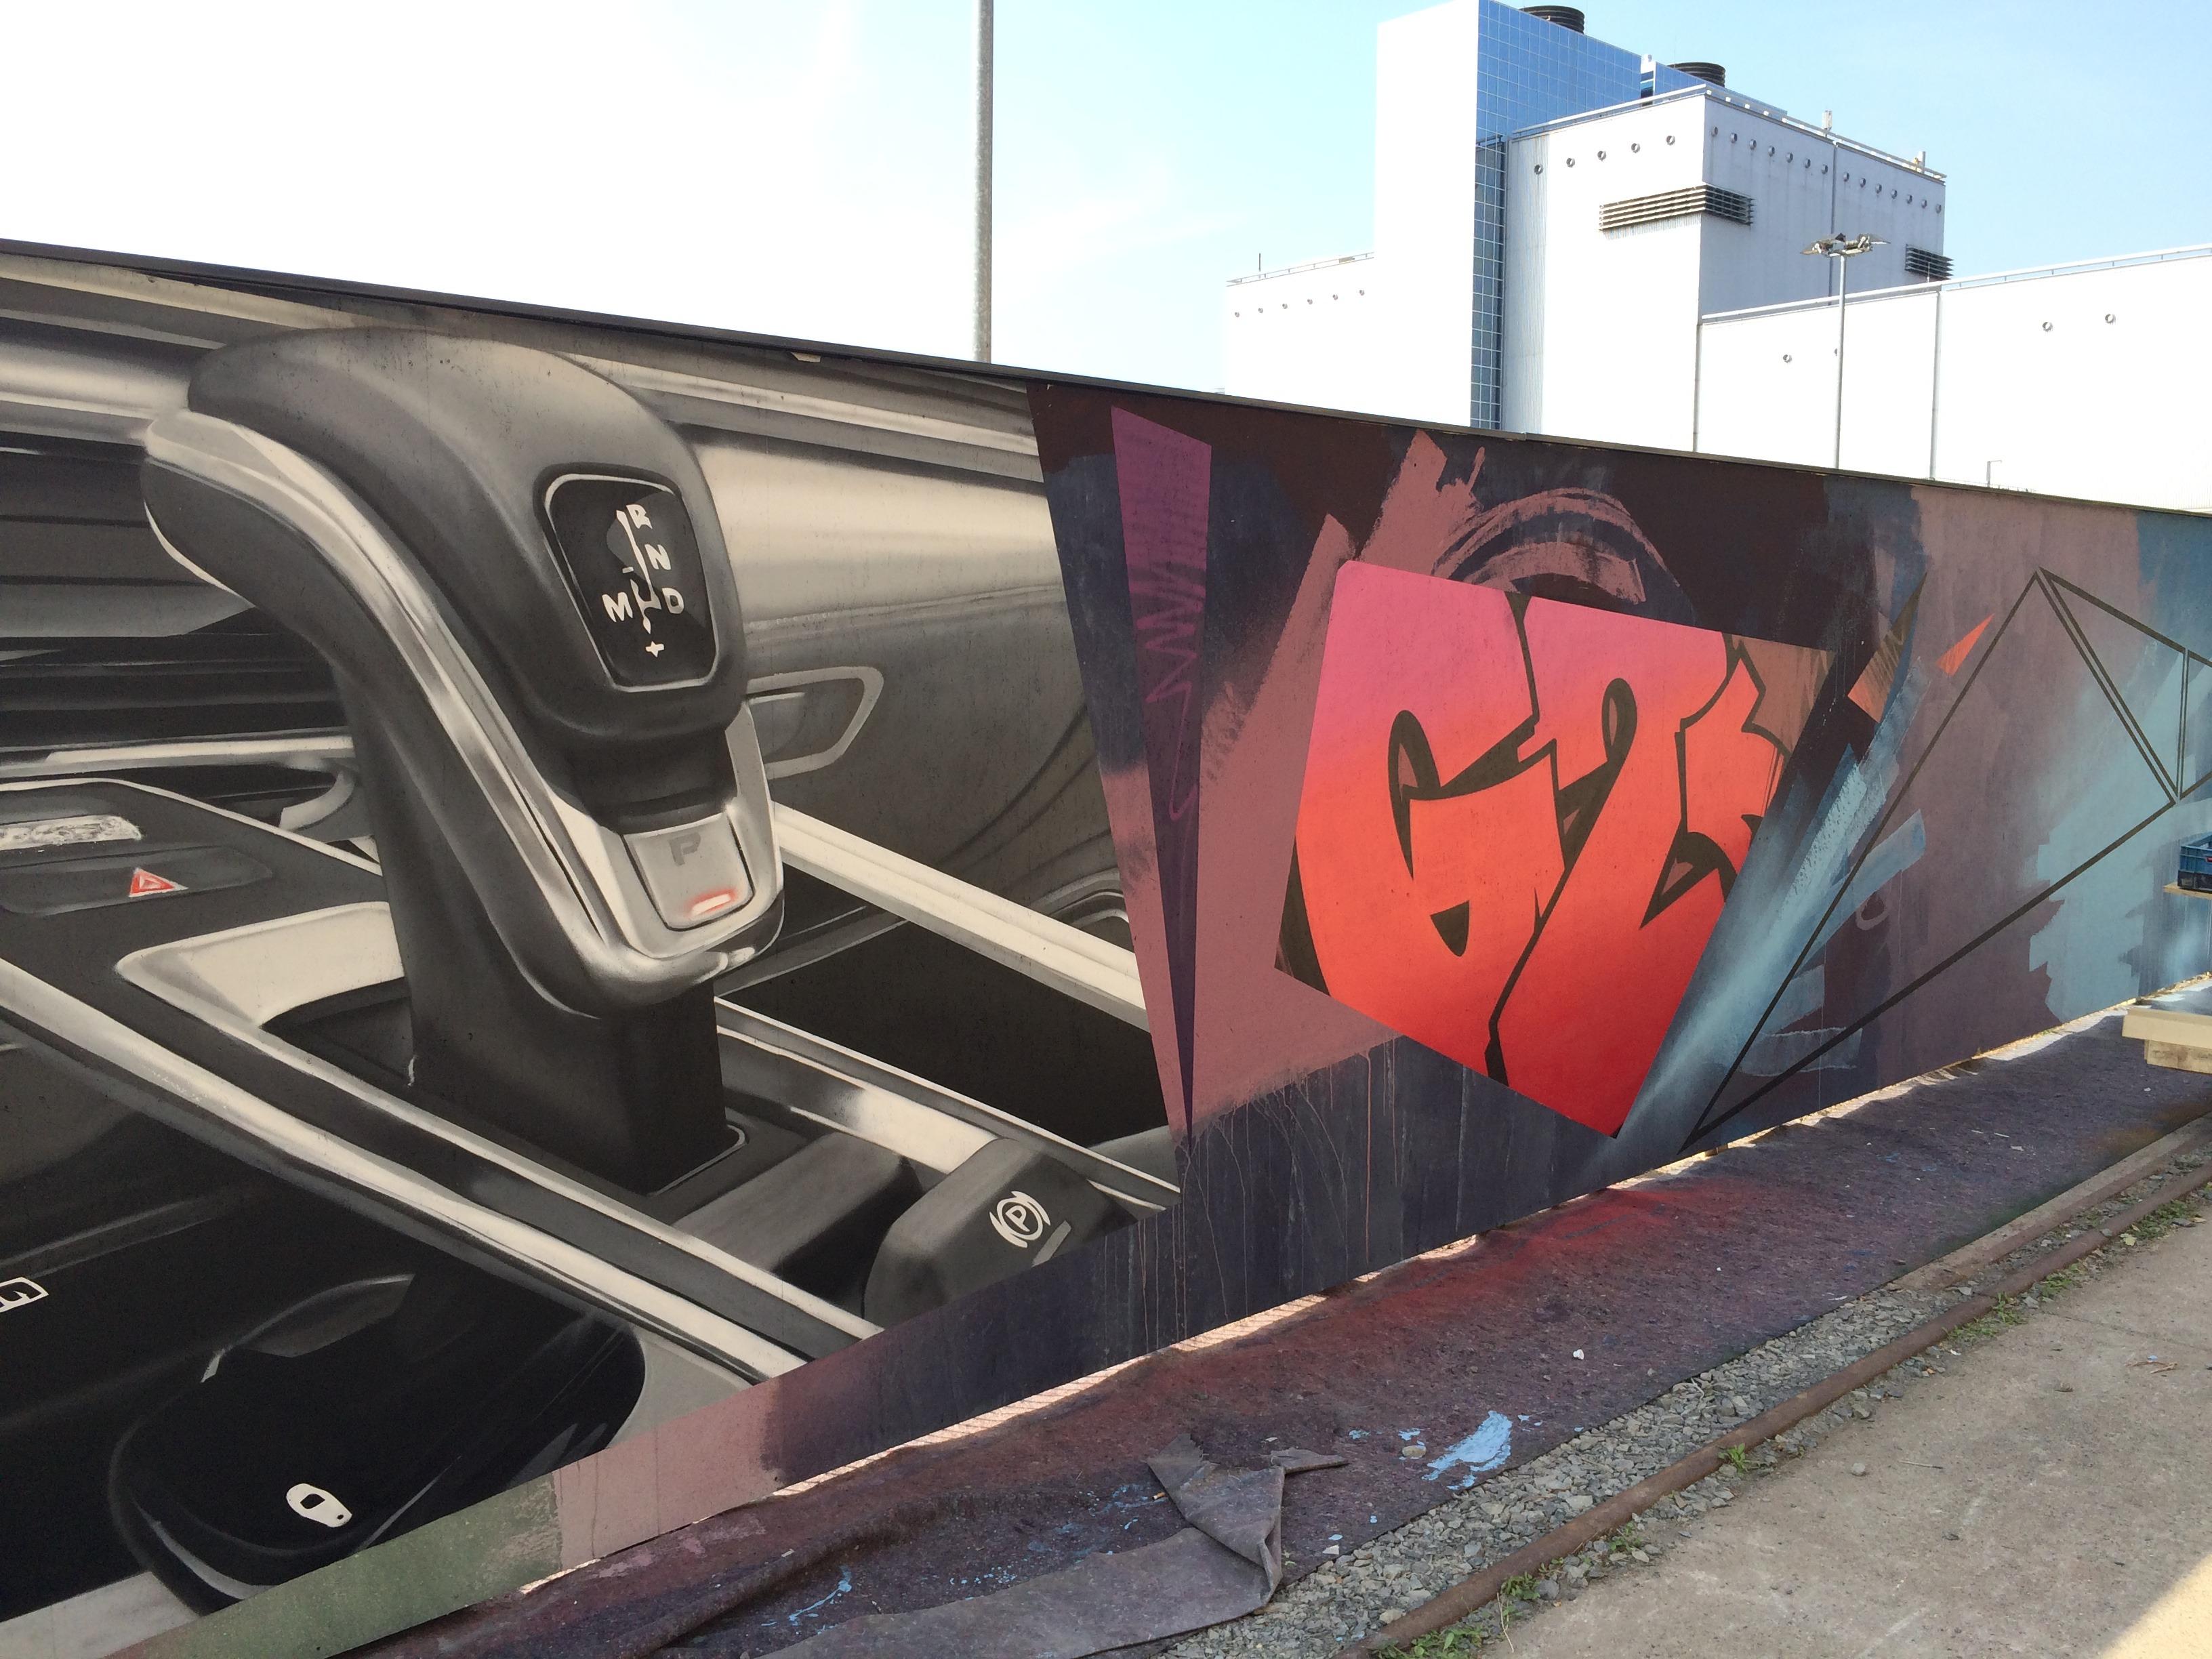 graffitiauftrag-graffitikuenstler-artmos4-Porsche_2016_auto_detail_bunt_grau_schwarz_fotorealistisch_kunst_wand